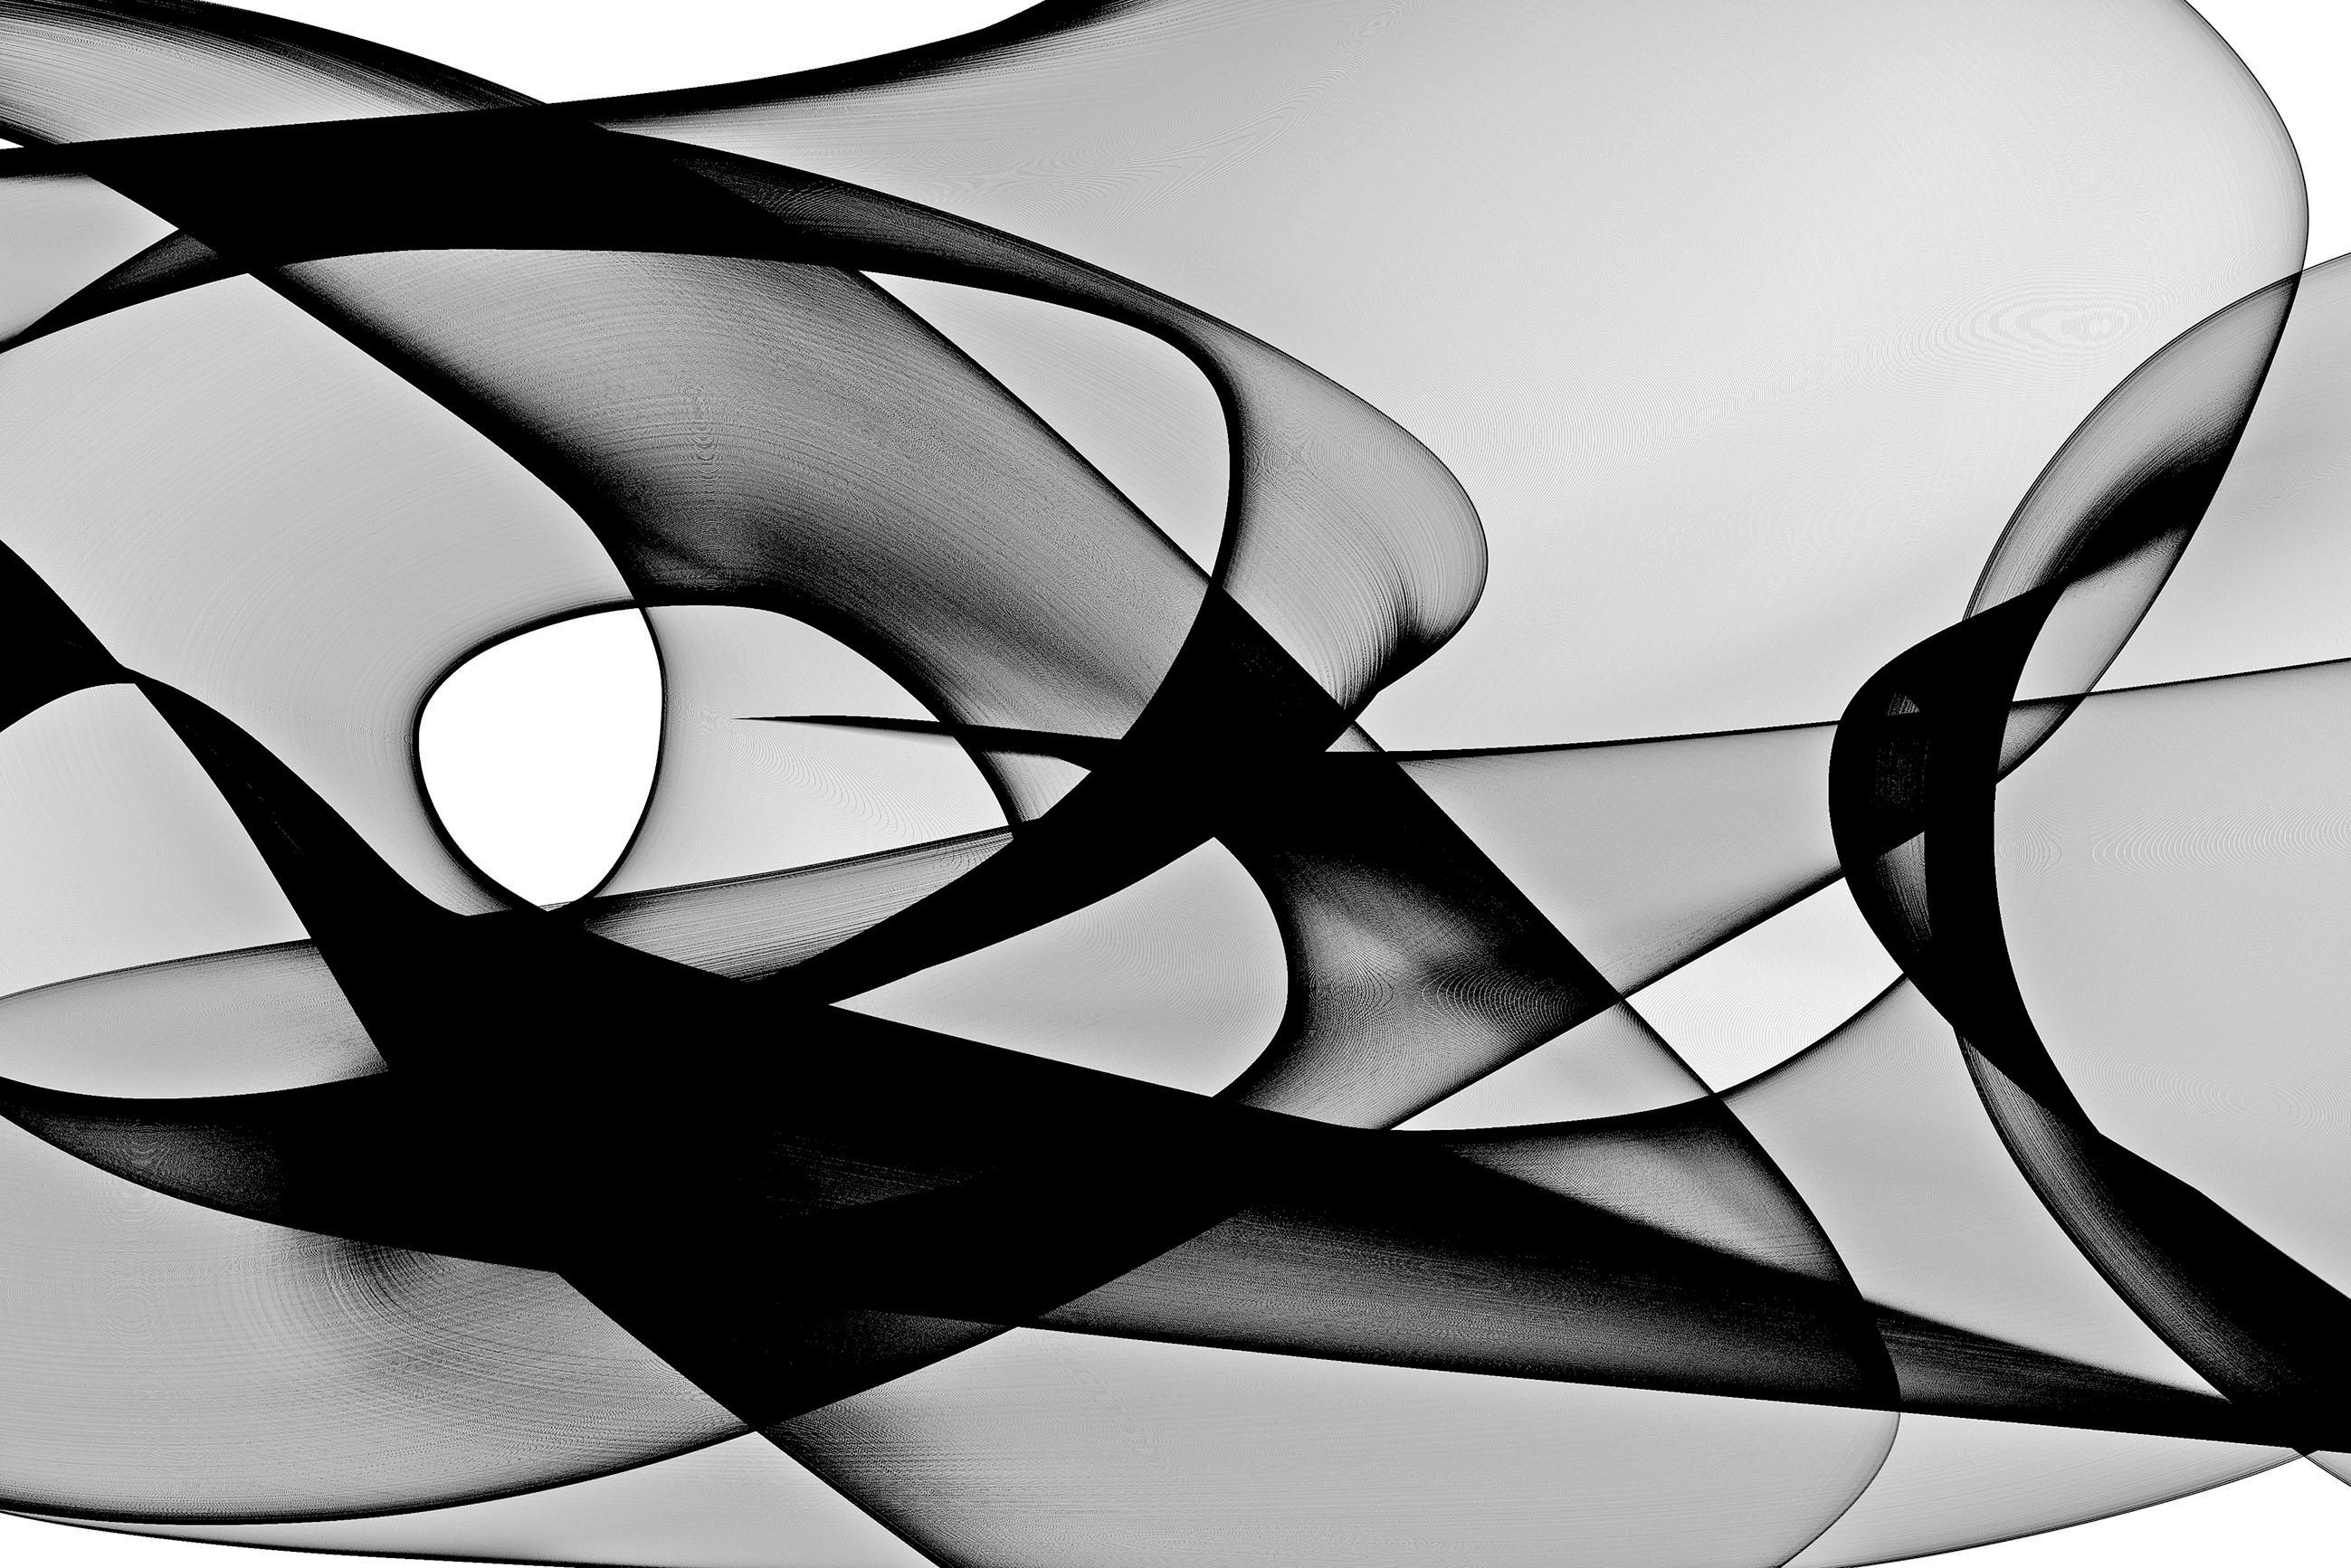 Places of Style Acrylglasbild Abstrakte Kunst Wohnen/Accessoires & Leuchten/Wohnaccessoires/Bilder & Bilderrahmen/Acrylglasbilder